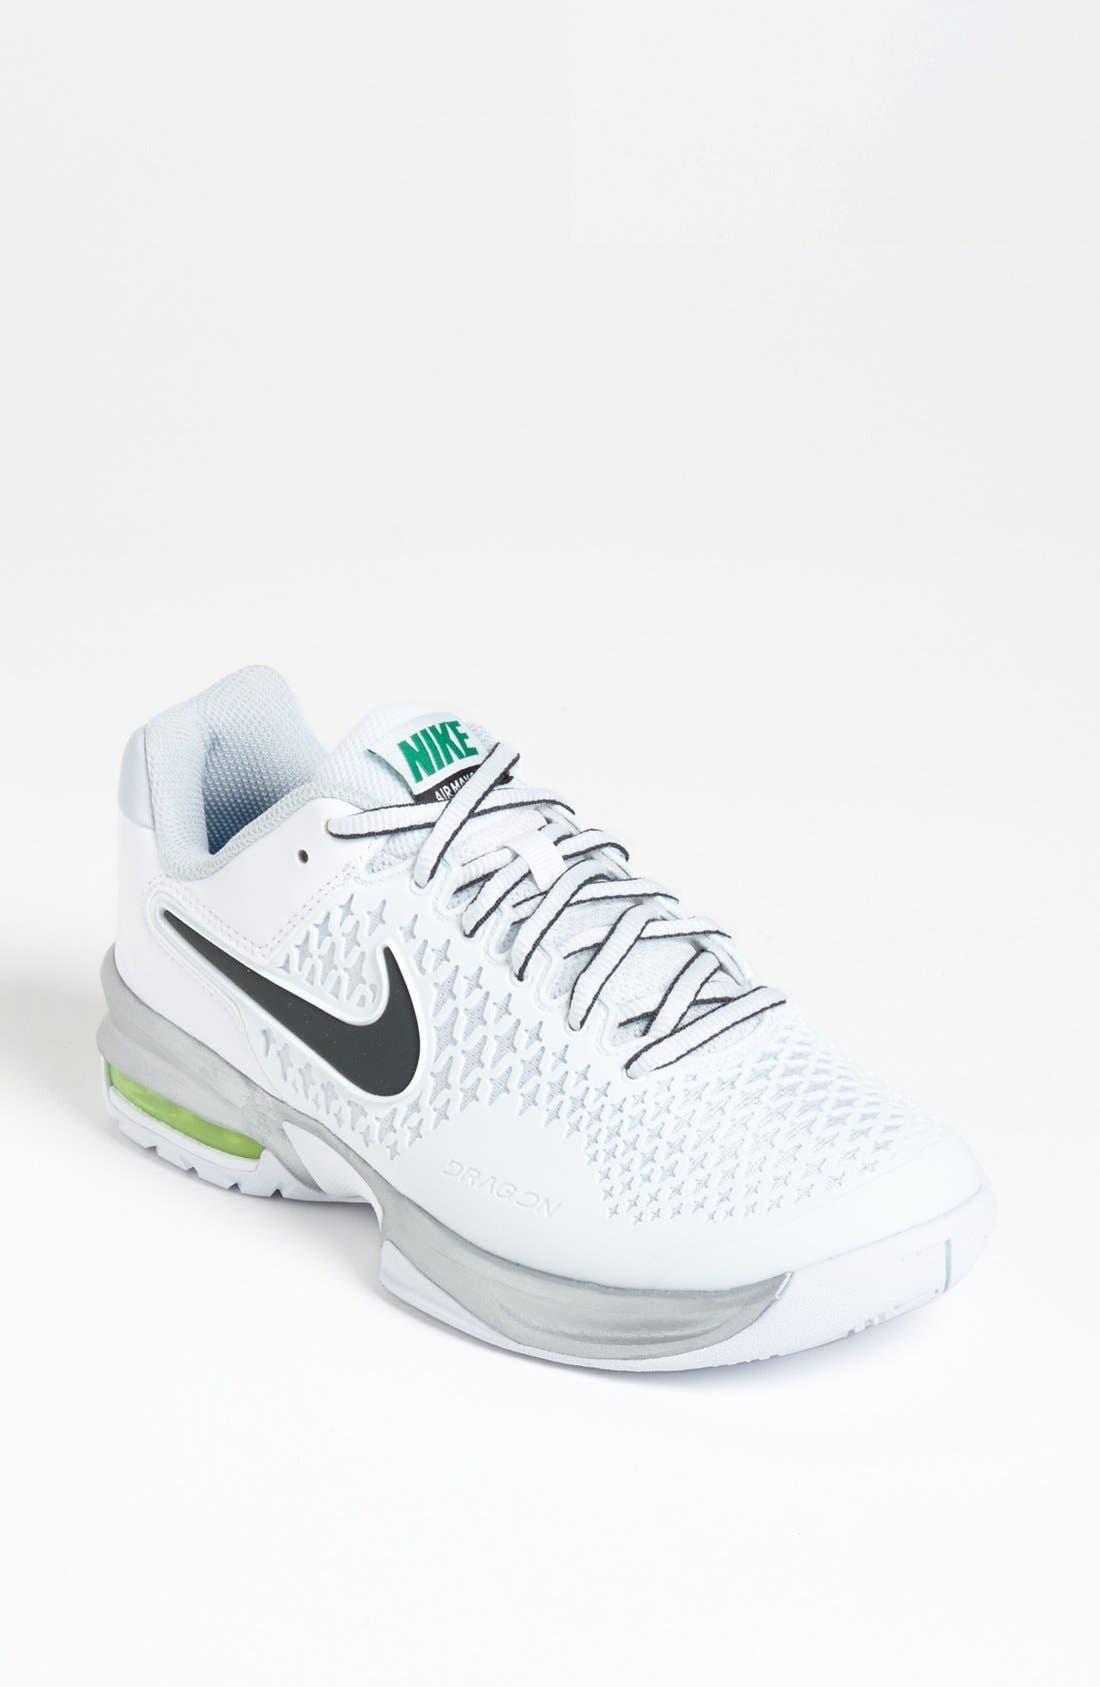 Main Image - Nike 'Air Max Cage' Tennis Shoe (Women) (Regular Retail Price: $115.00)